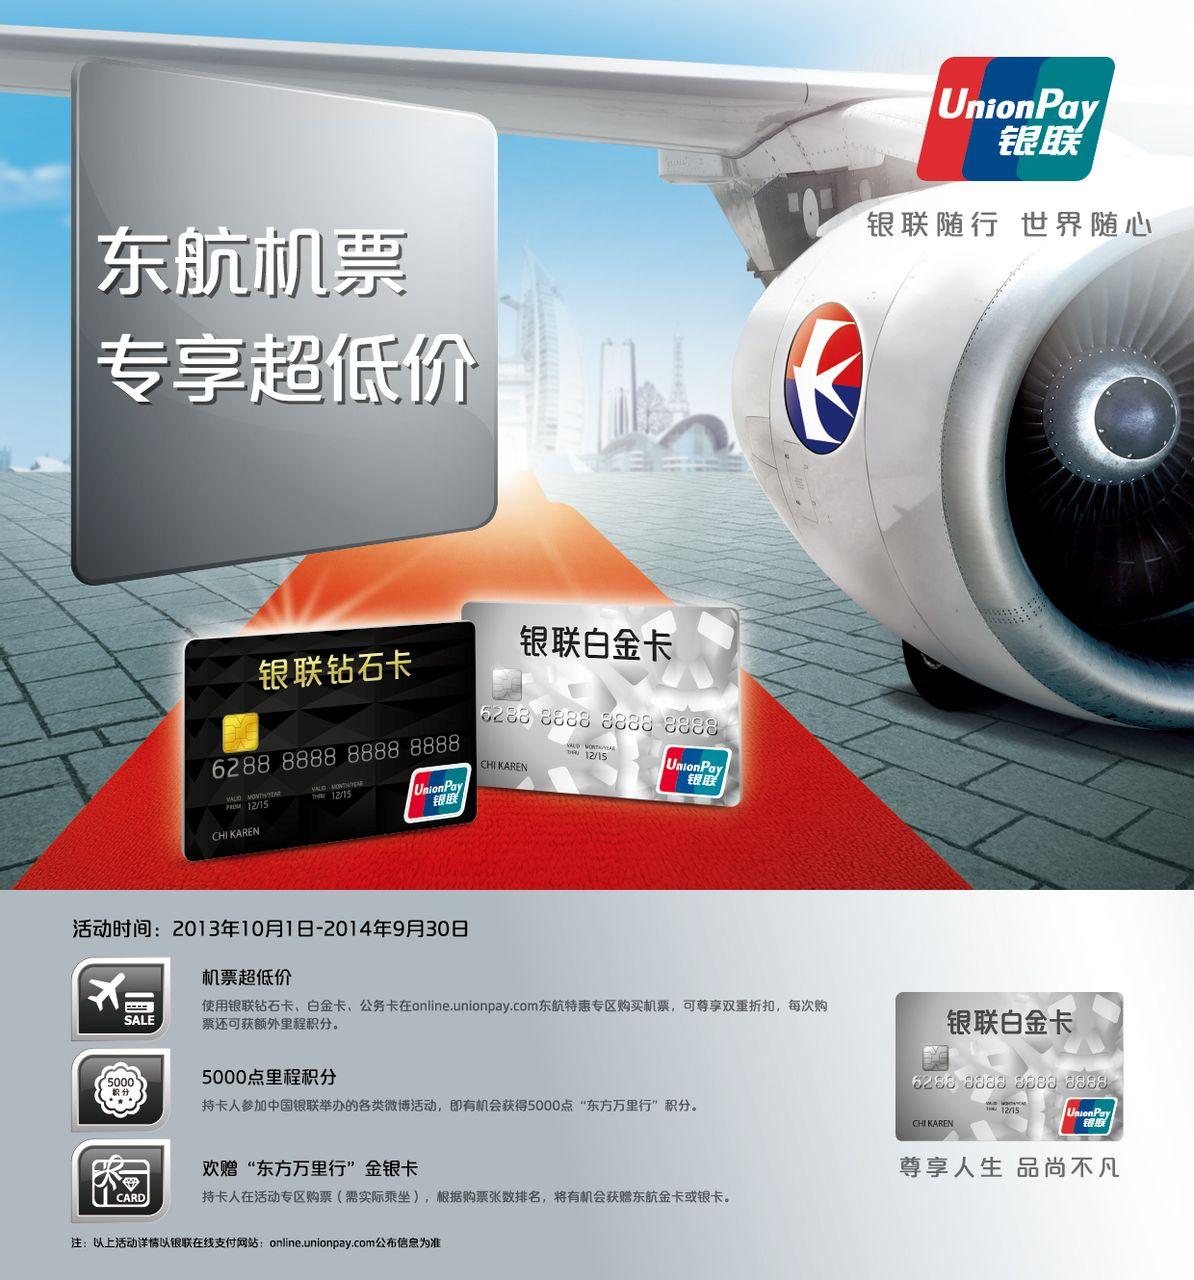 白金卡:銀聯卡,權益,活動展示,專享,_中文百科全書